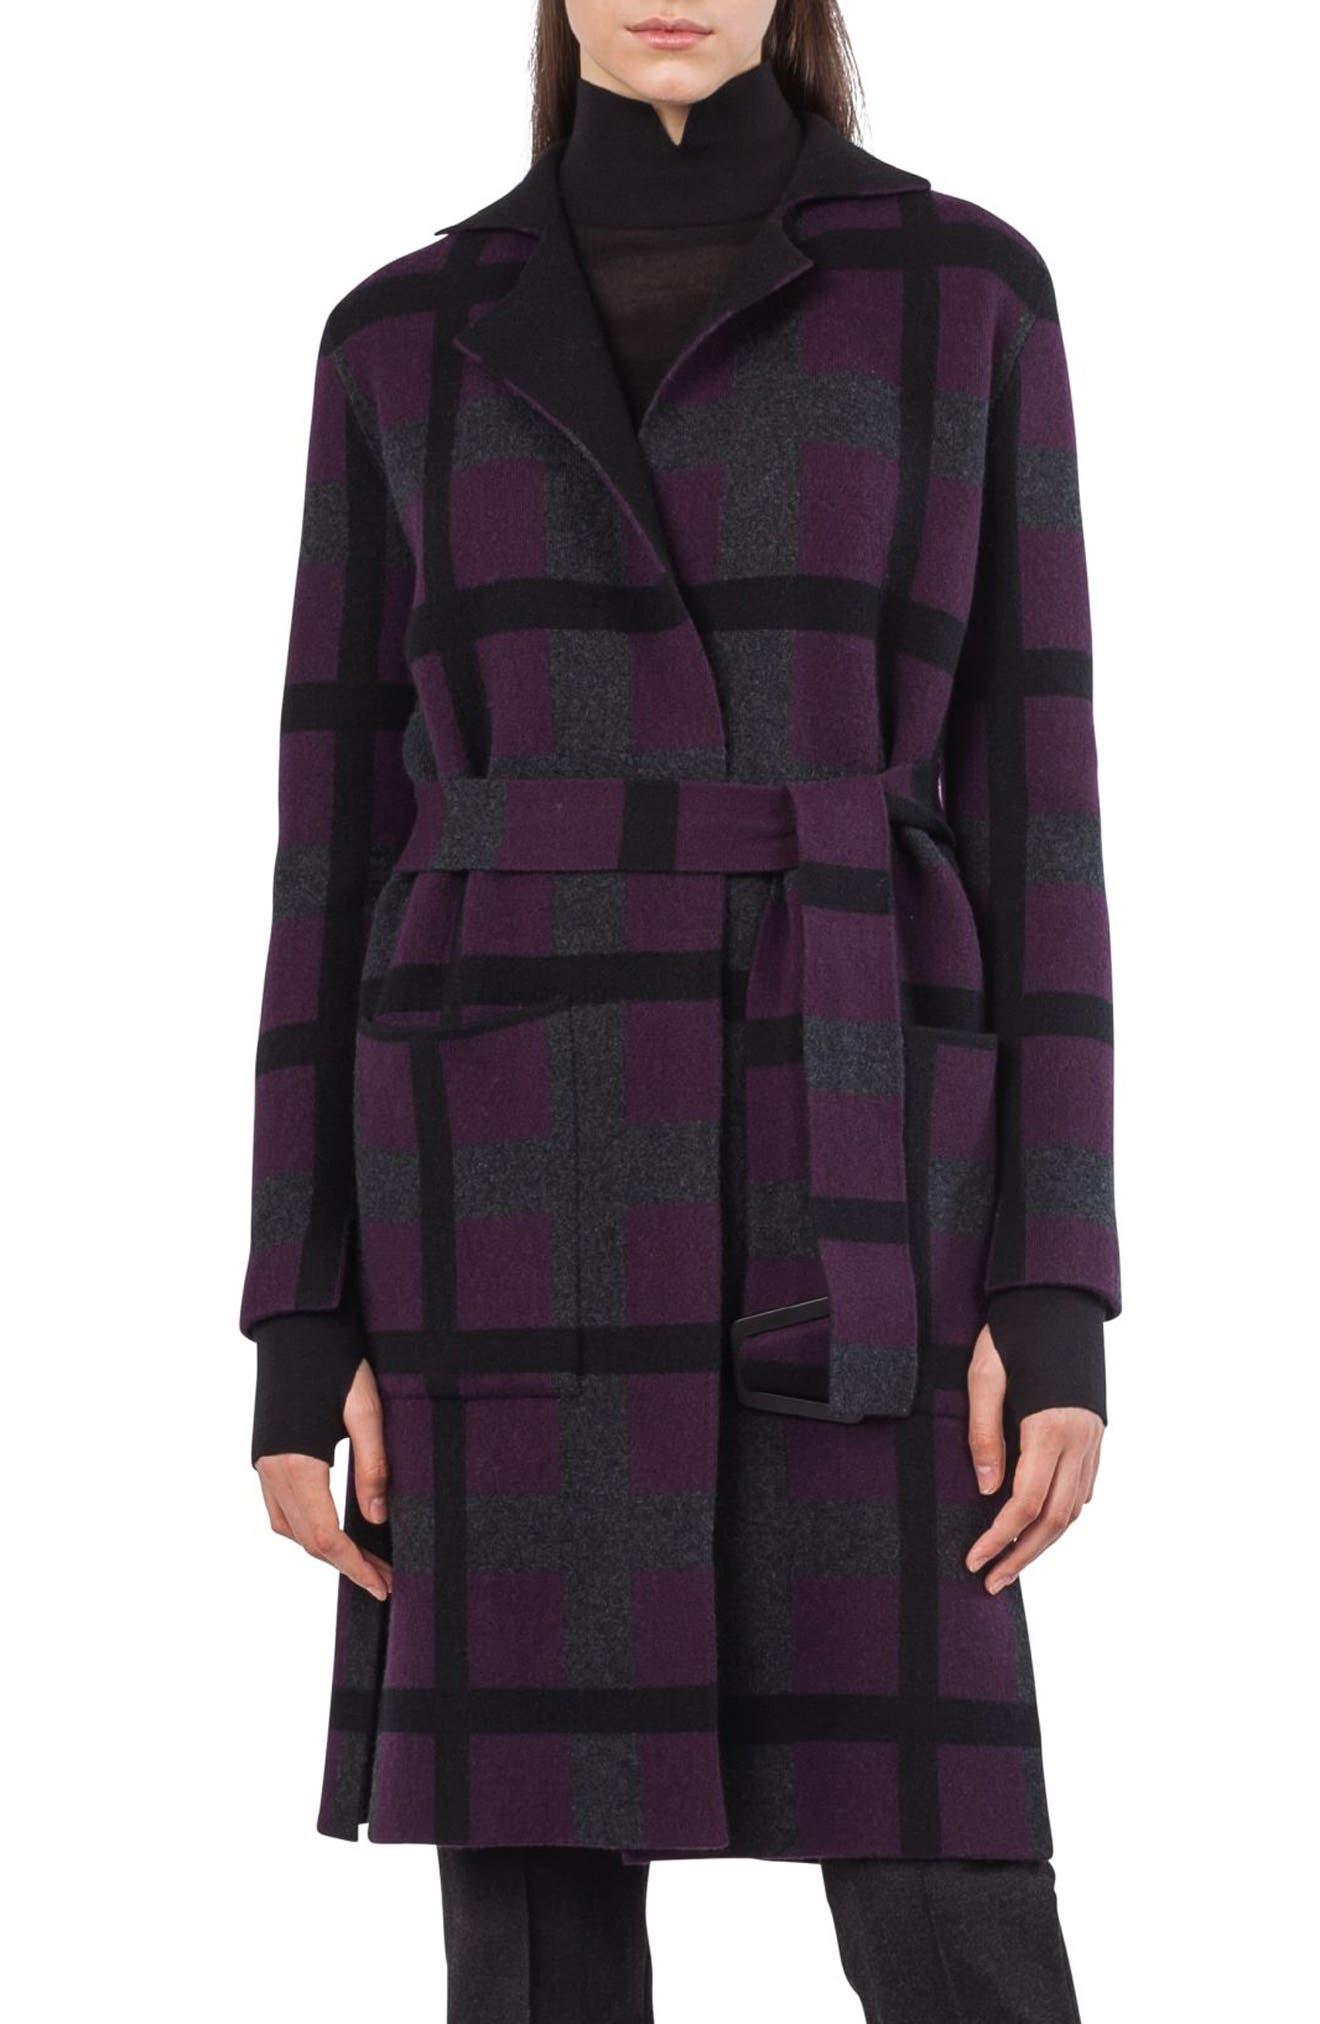 Reversible Double Face Cashmere Coat,                             Main thumbnail 1, color,                             Purple/ Black